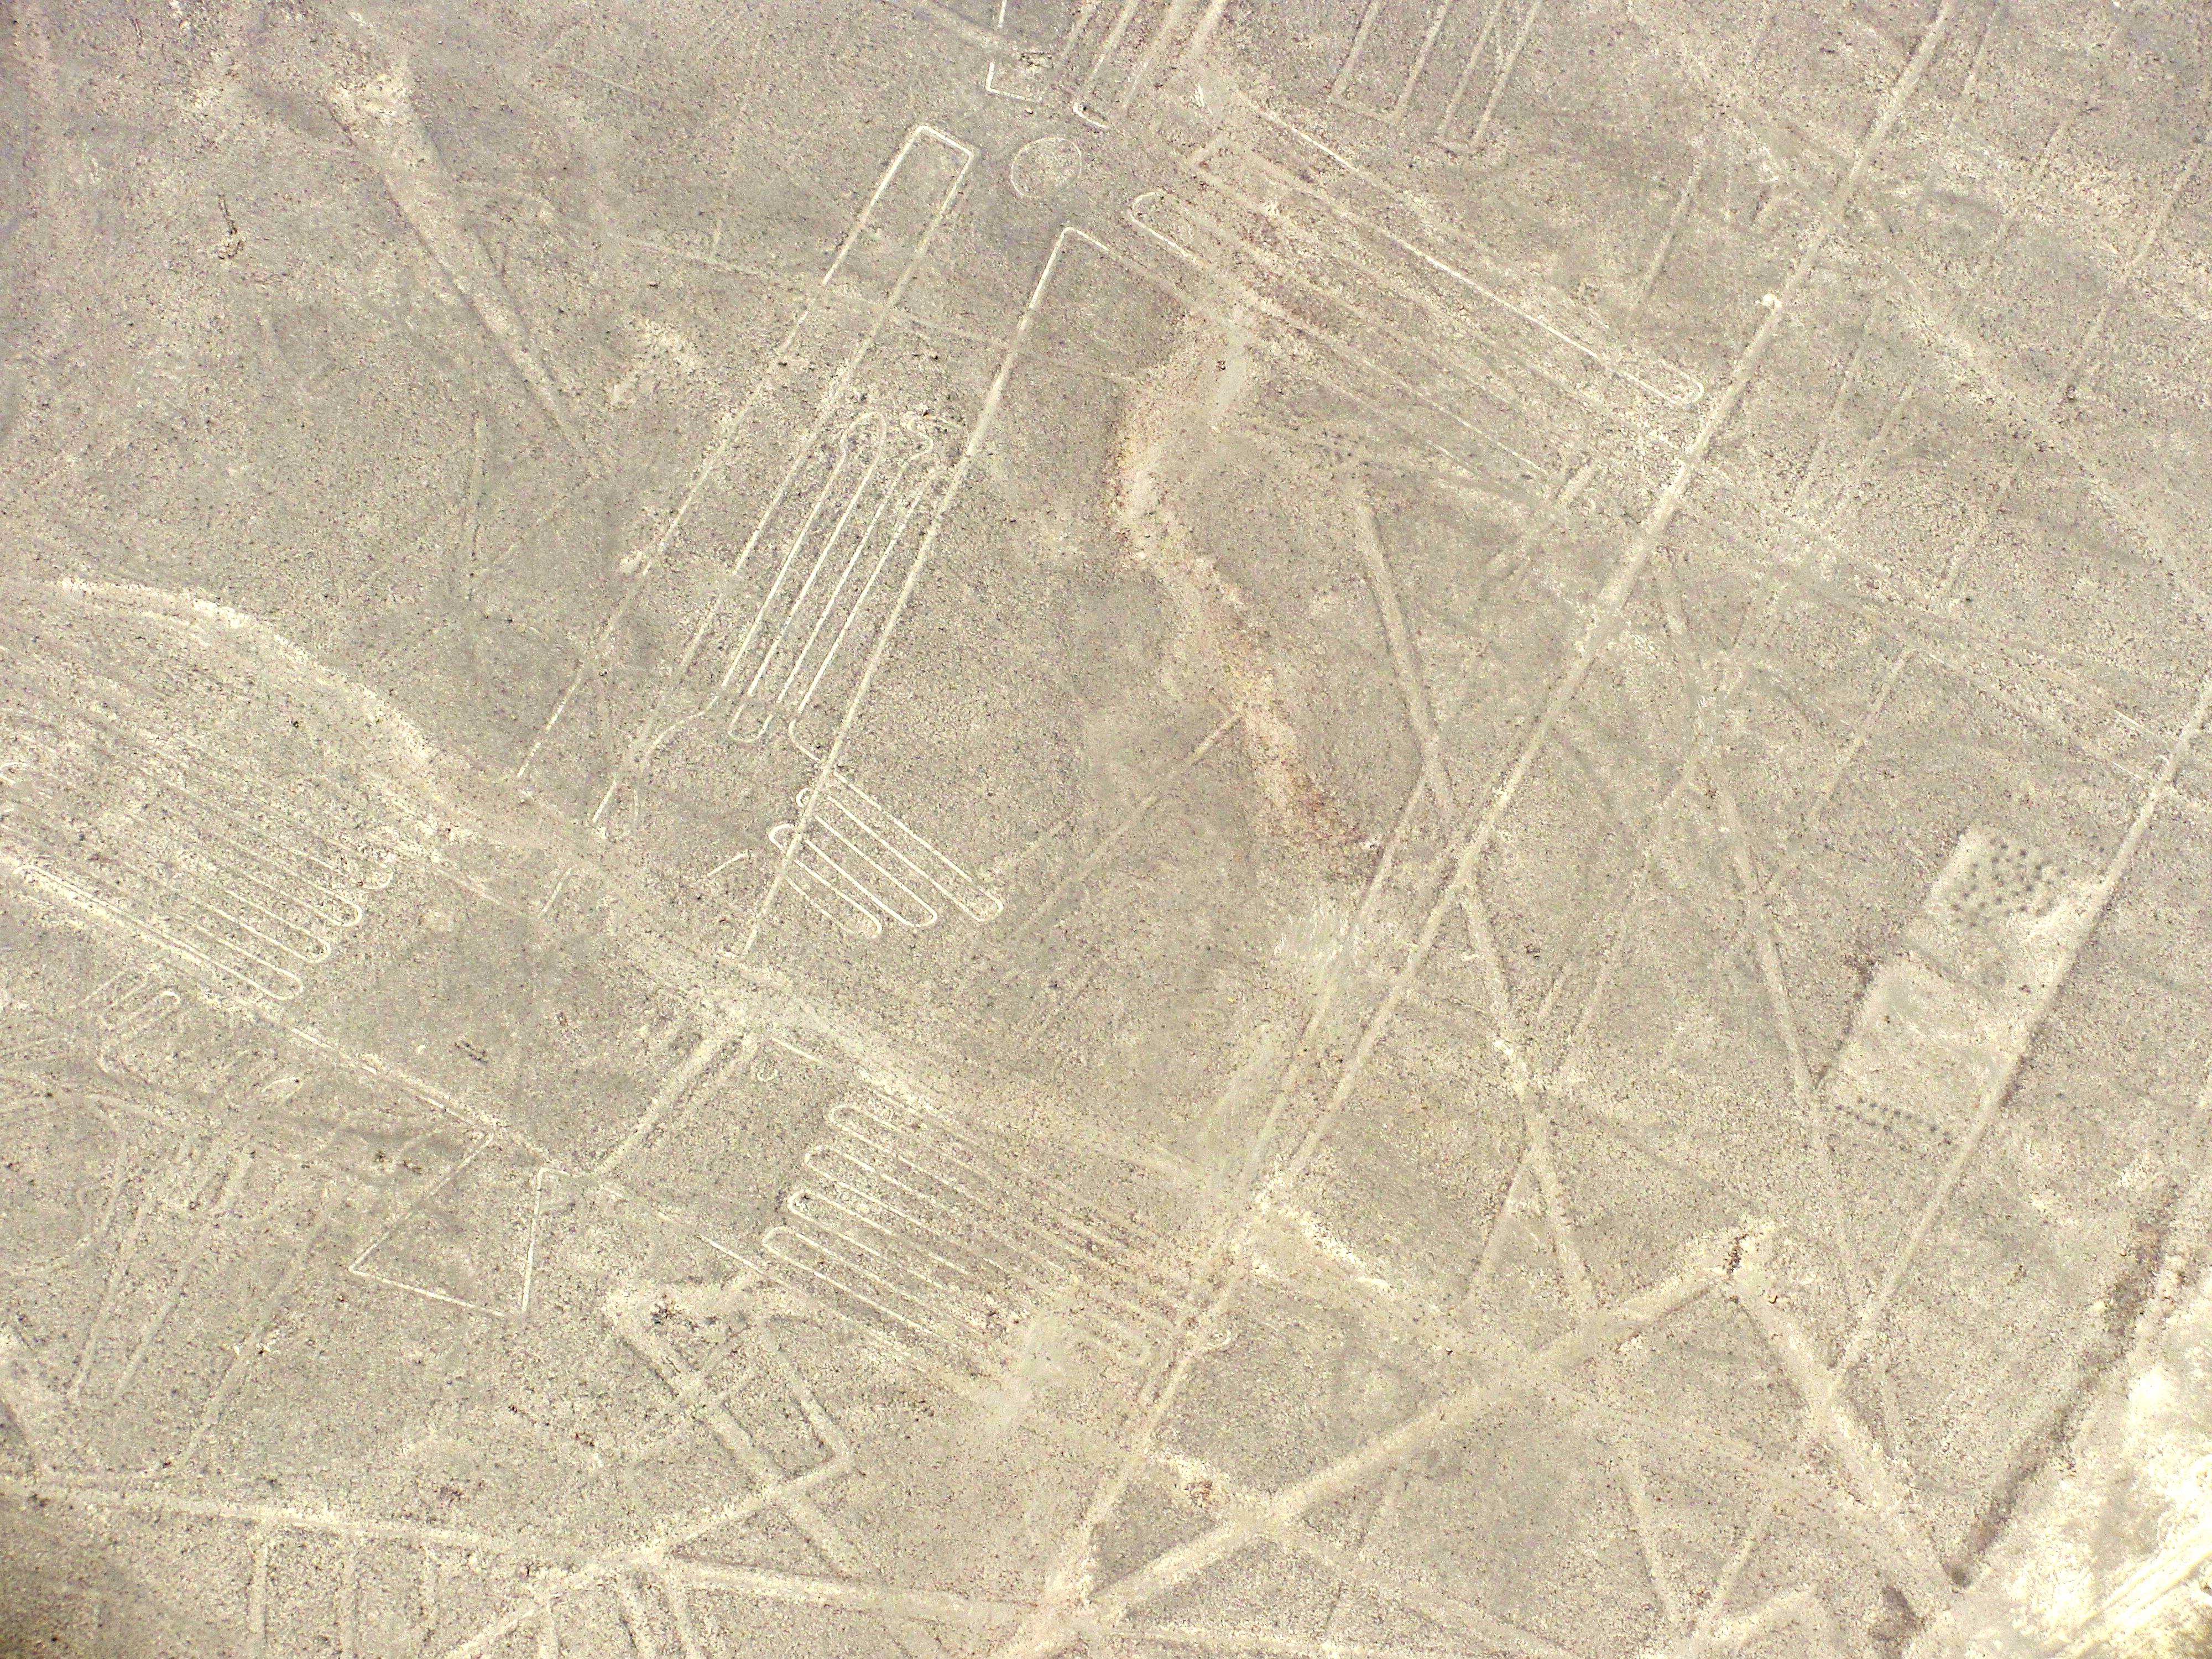 Géoglyphes de Nazca